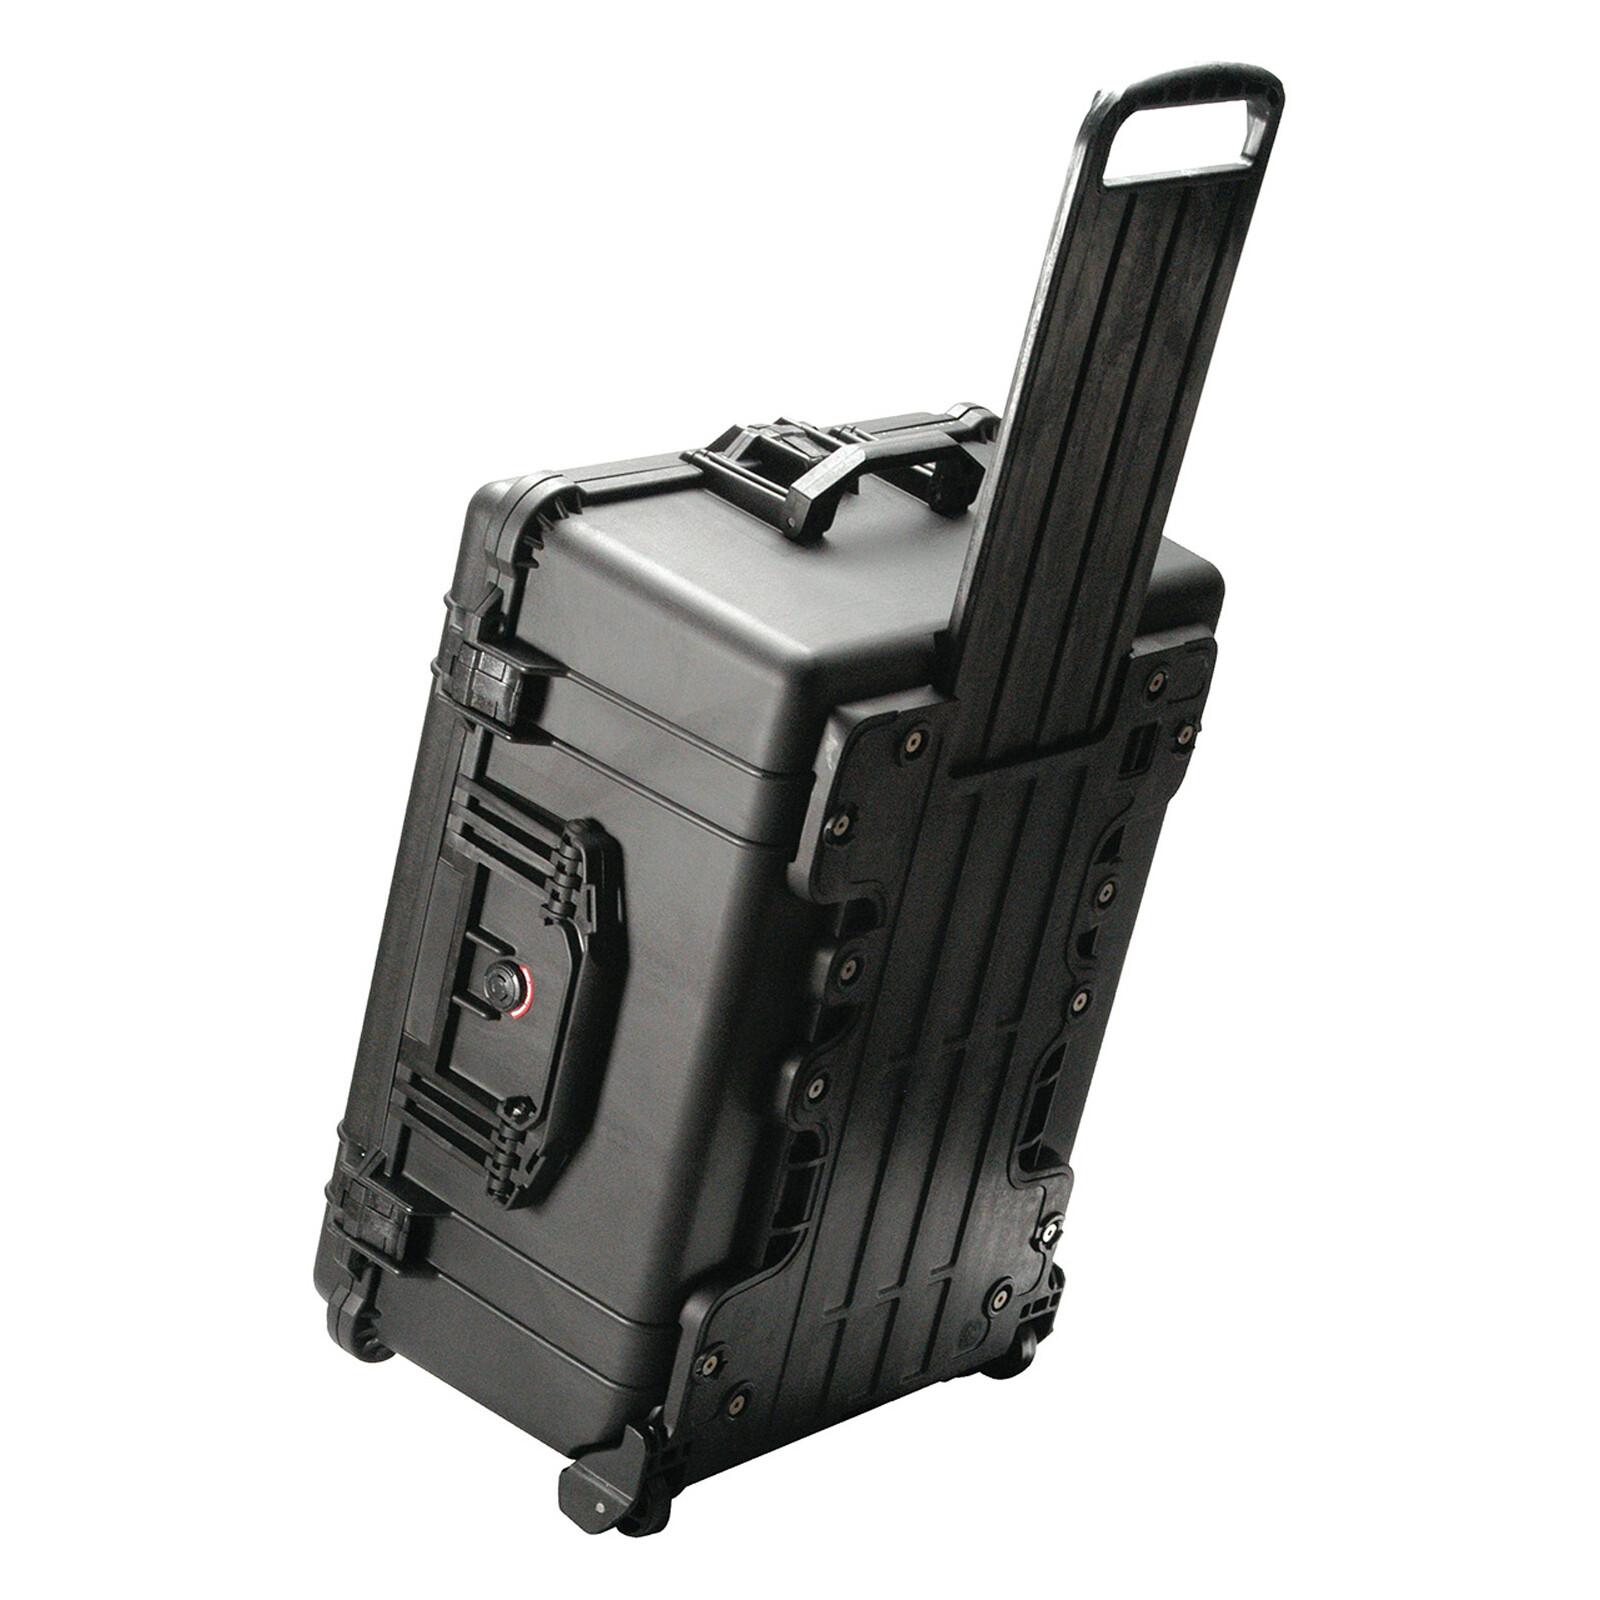 PELI 1610 Case mit Stegausrüstung